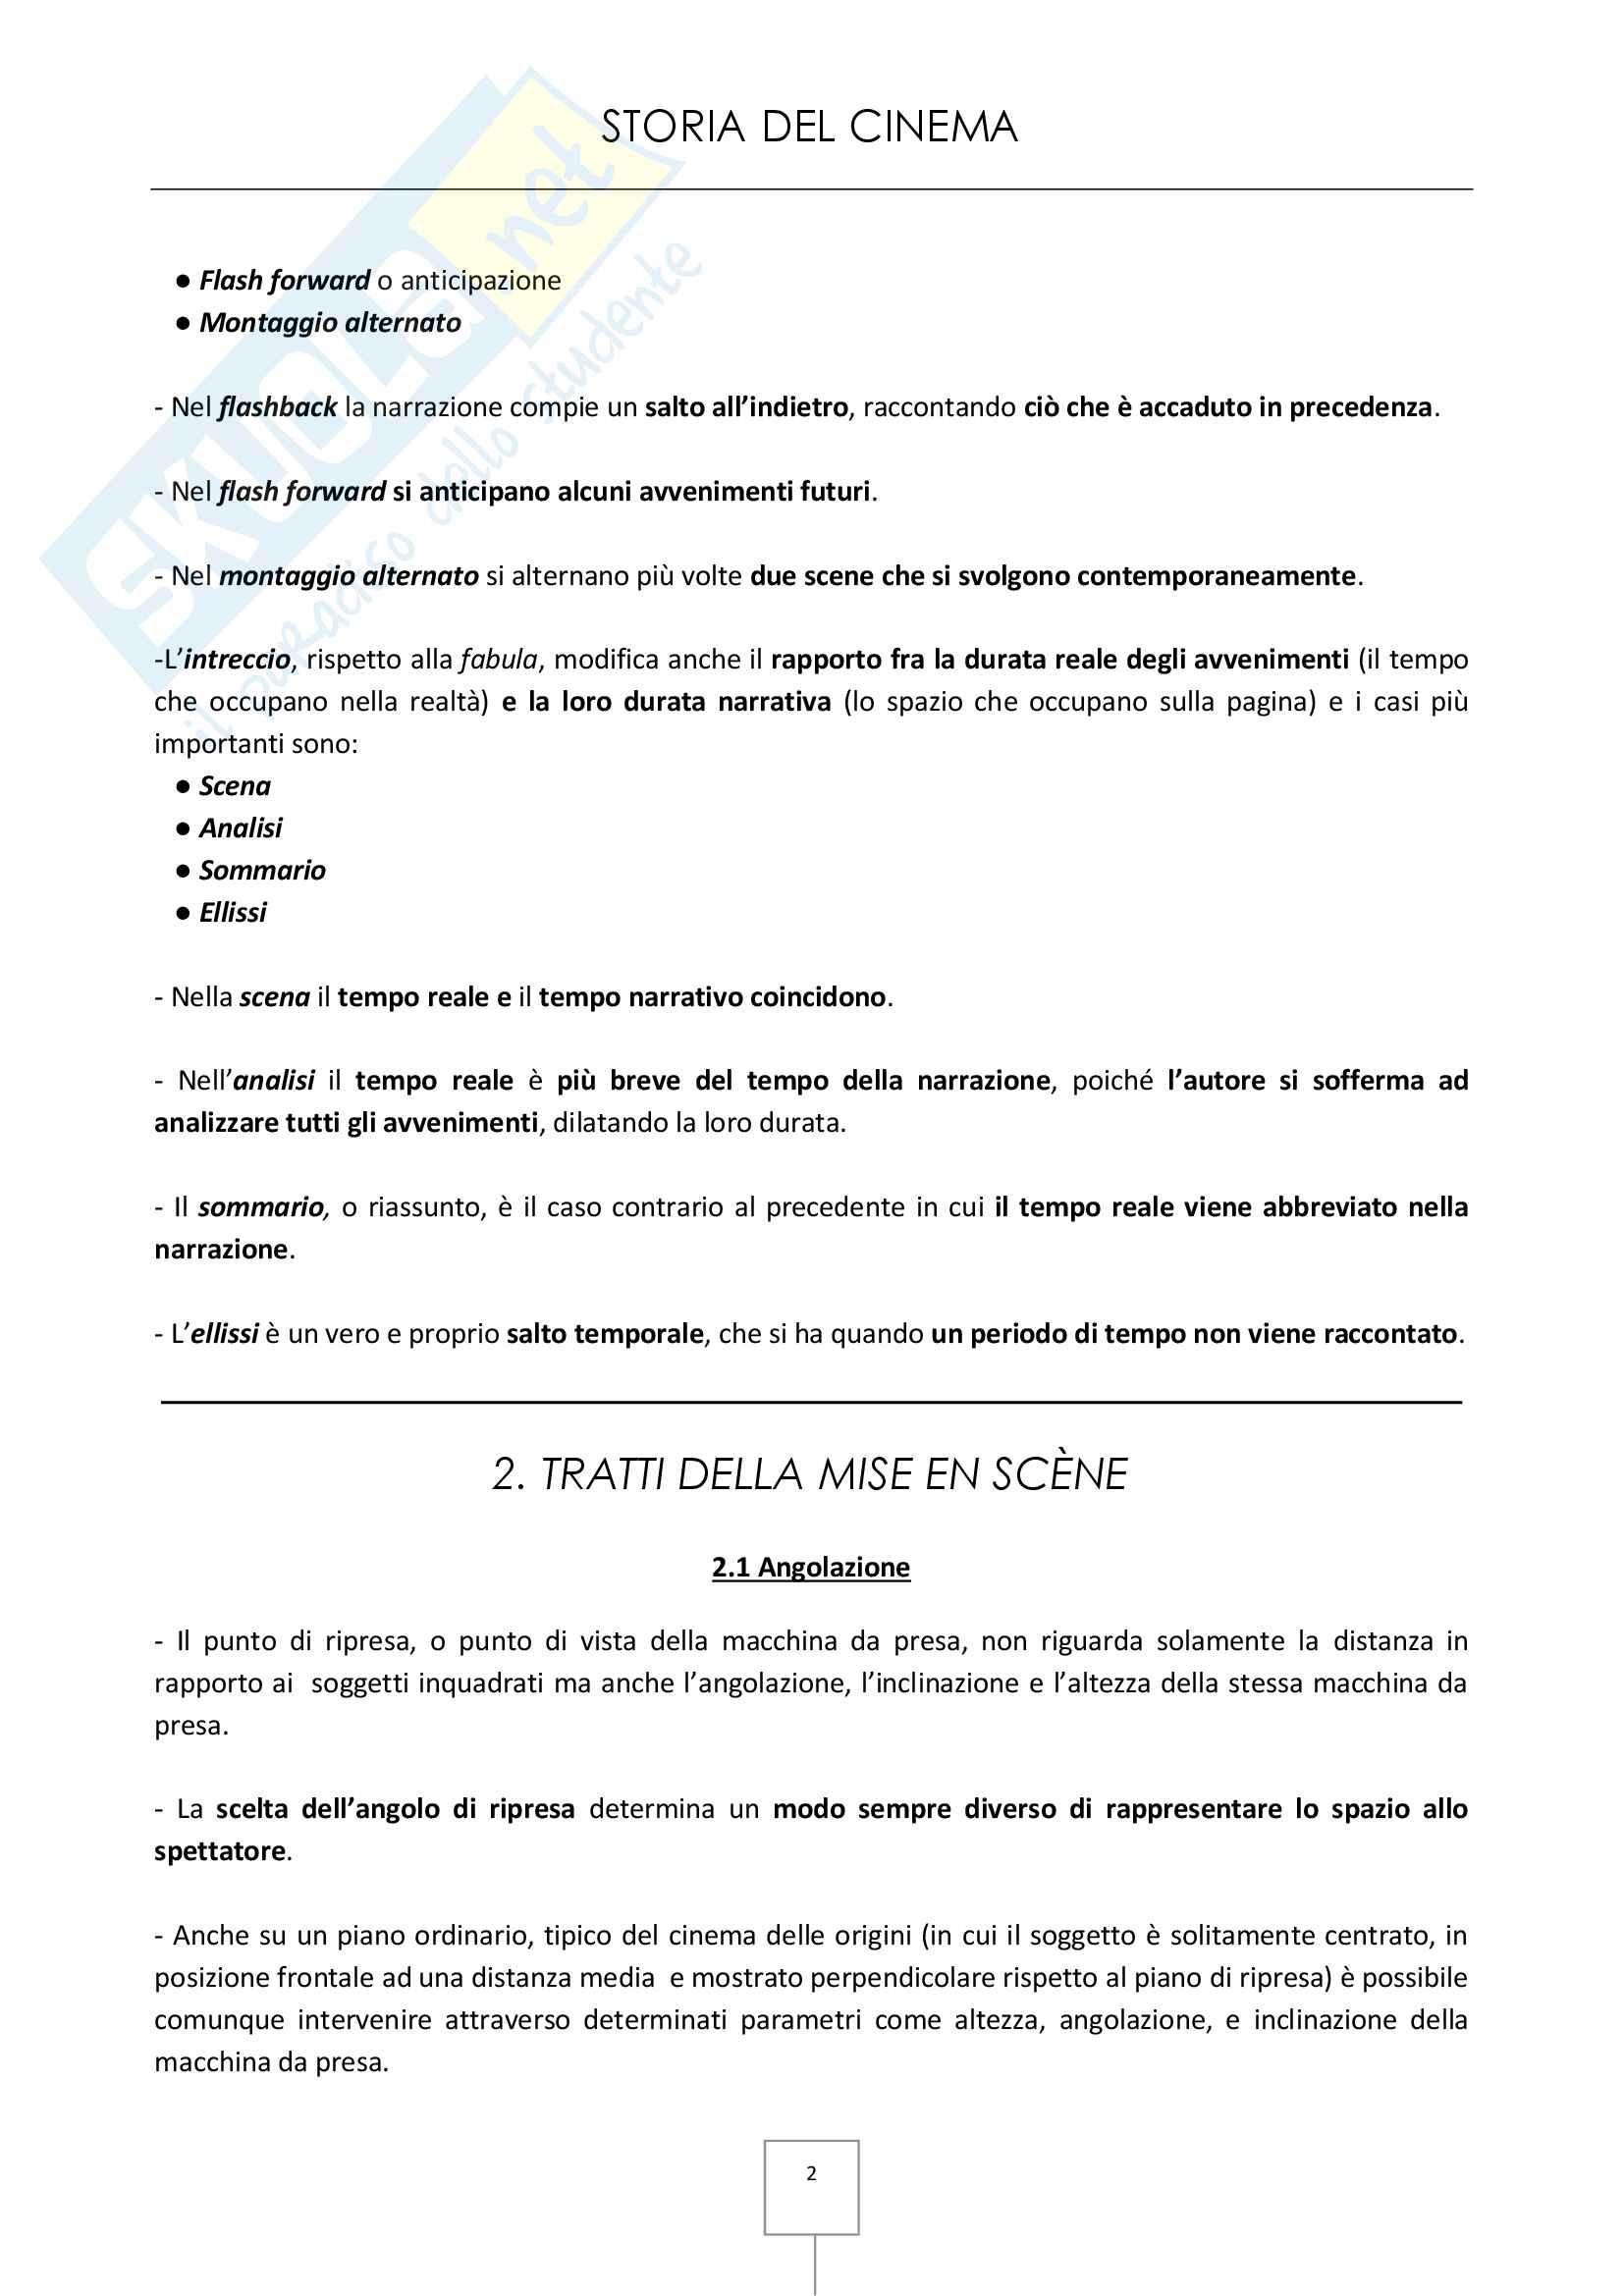 Storia del cinema - Appunti e schede dei film in programma Pag. 2